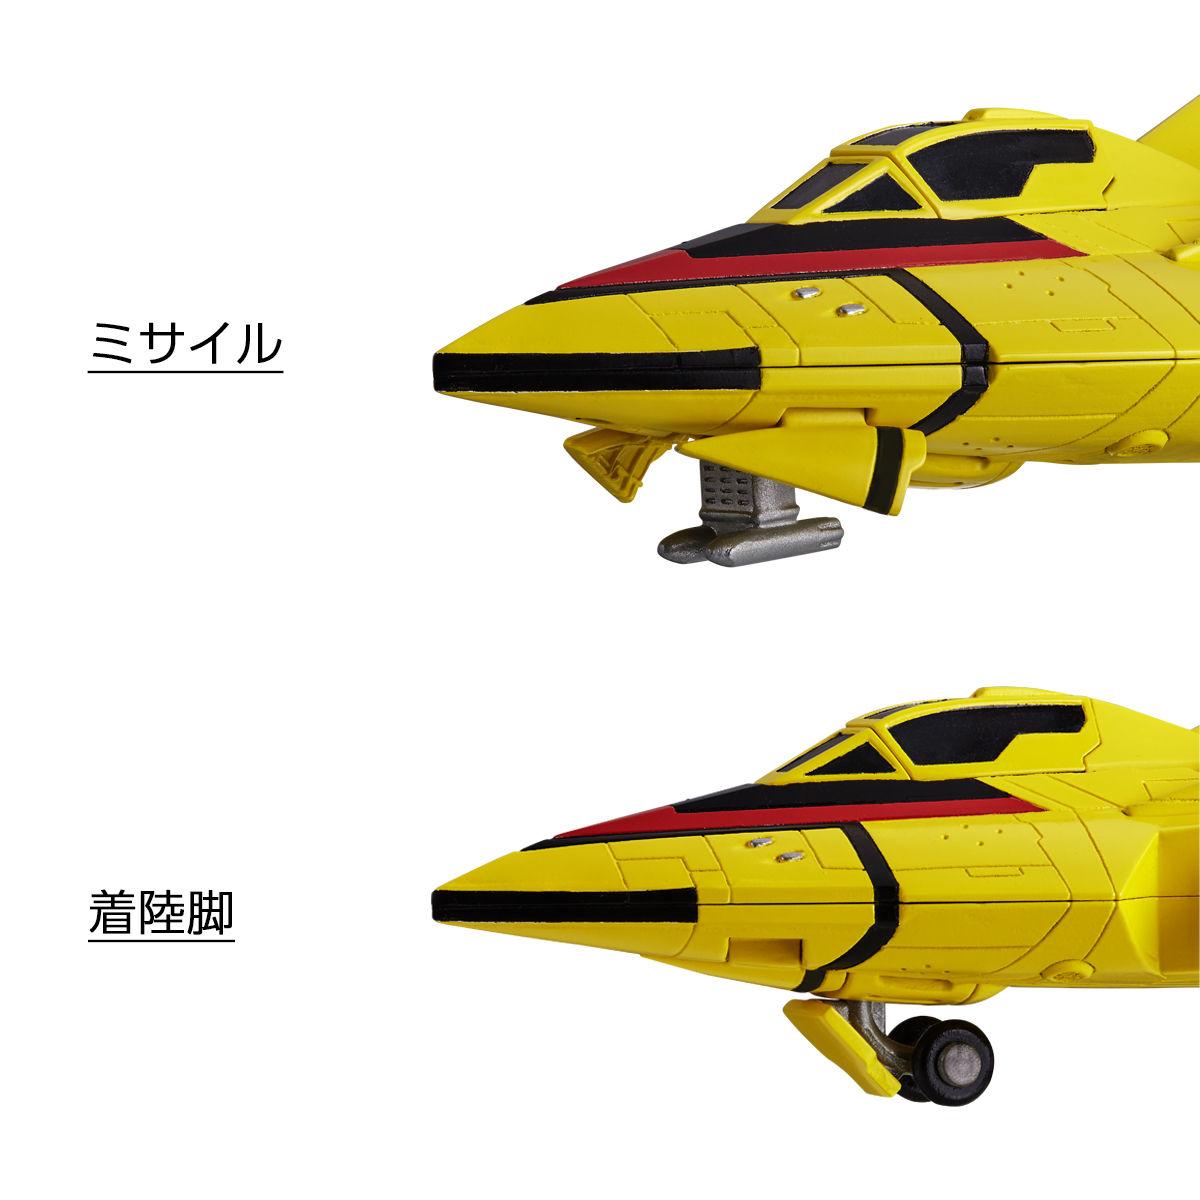 ウルトラリバイブ『ガッツウイング1号』ウルトラマンティガ 完成品モデル-008